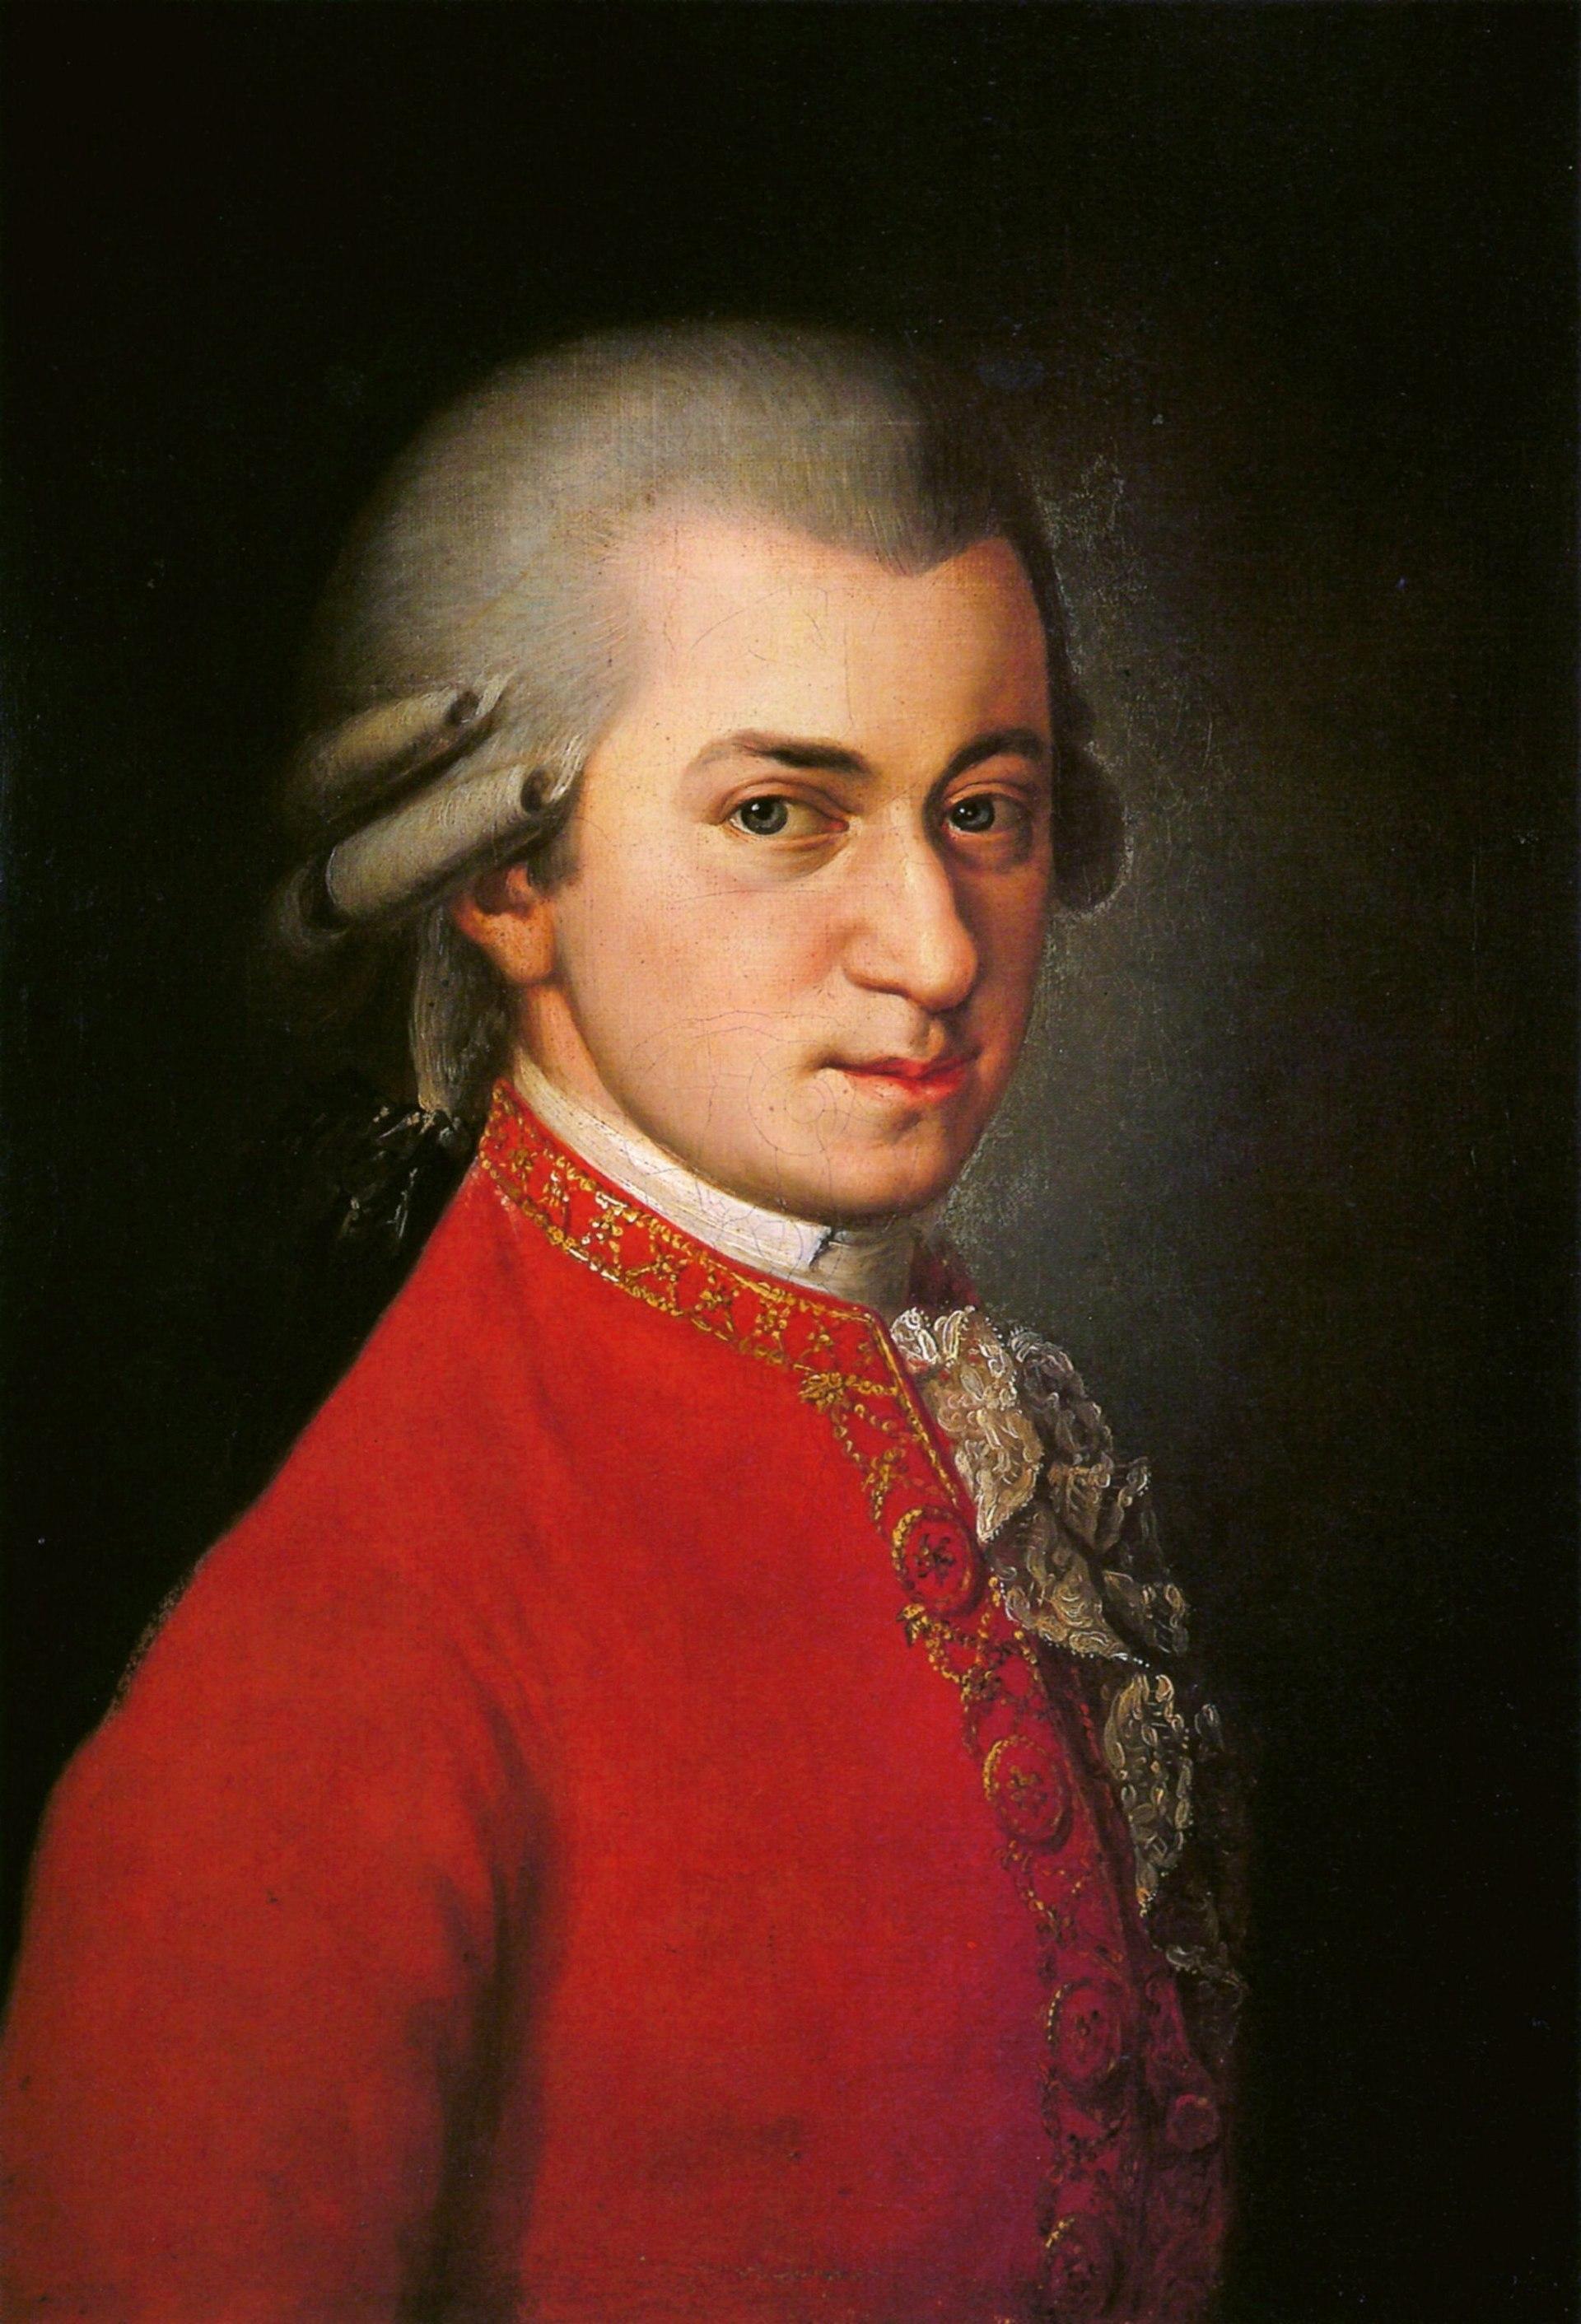 モーツァルトの写真